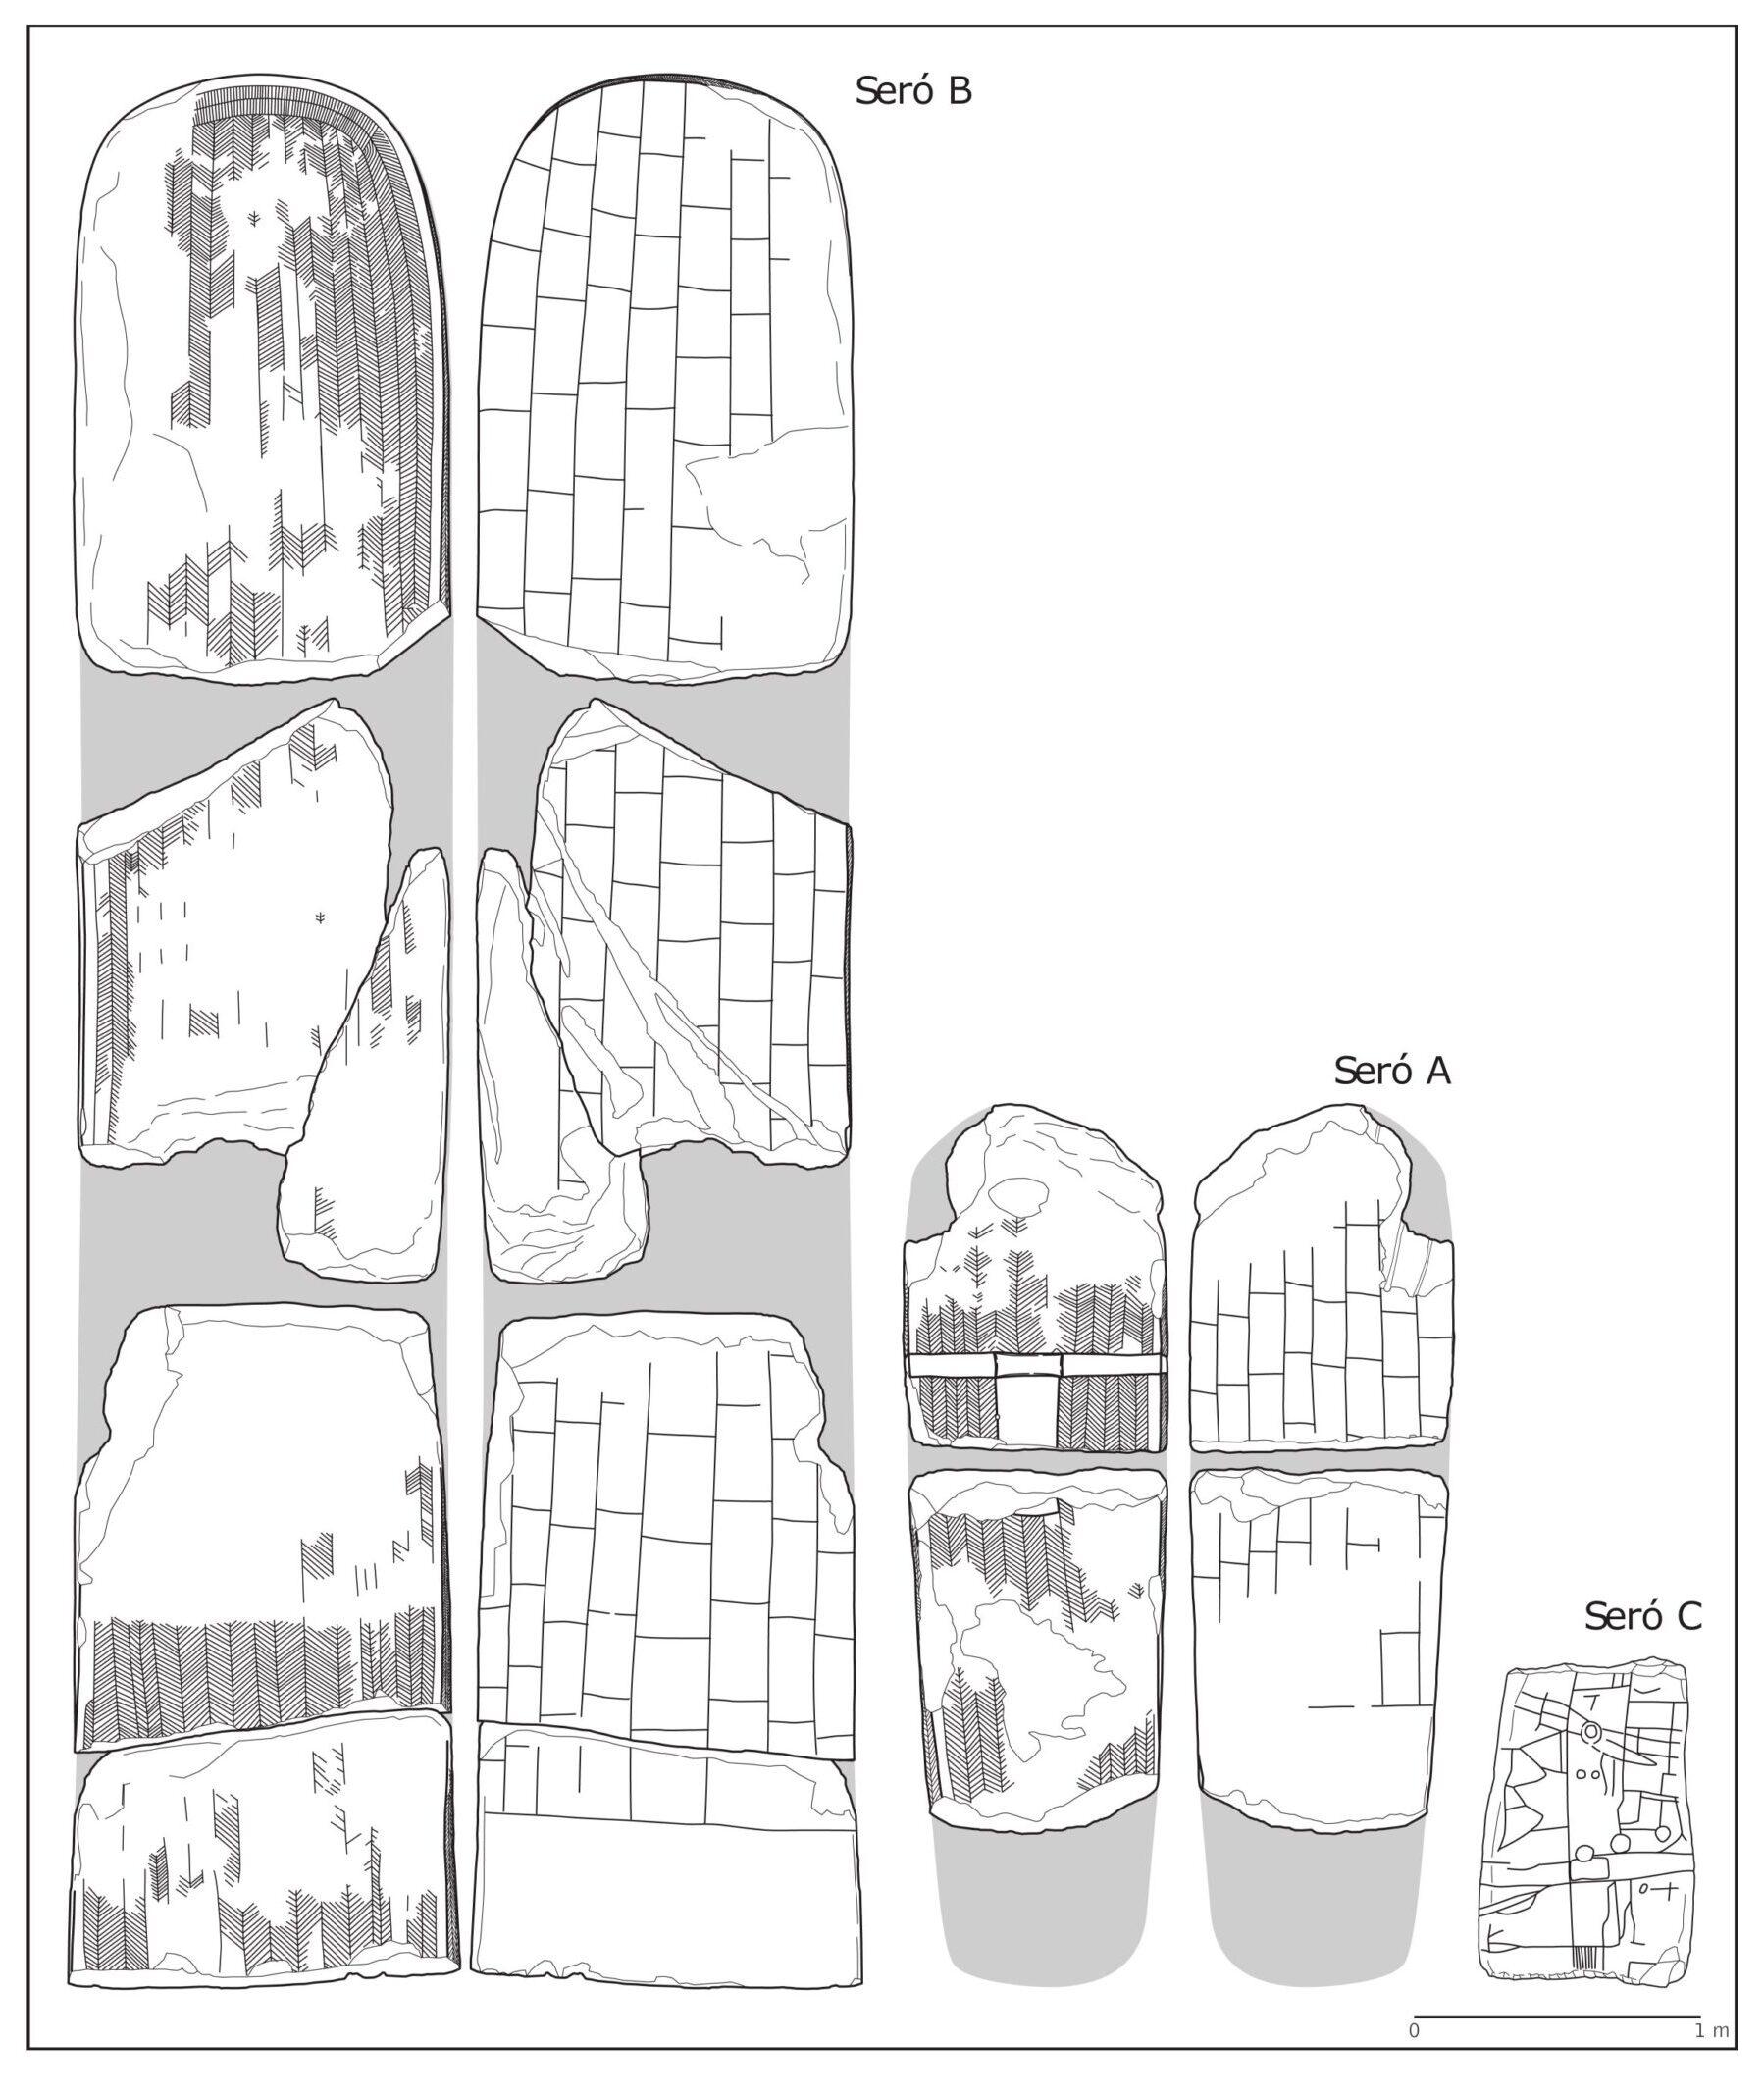 Reconstrucció gràfica de les estàtues-menhir trobades a Seró, Artesa de Segre. La Noguera, Lleida. Catalunya. Montsec de Rúbies (o de Meià).